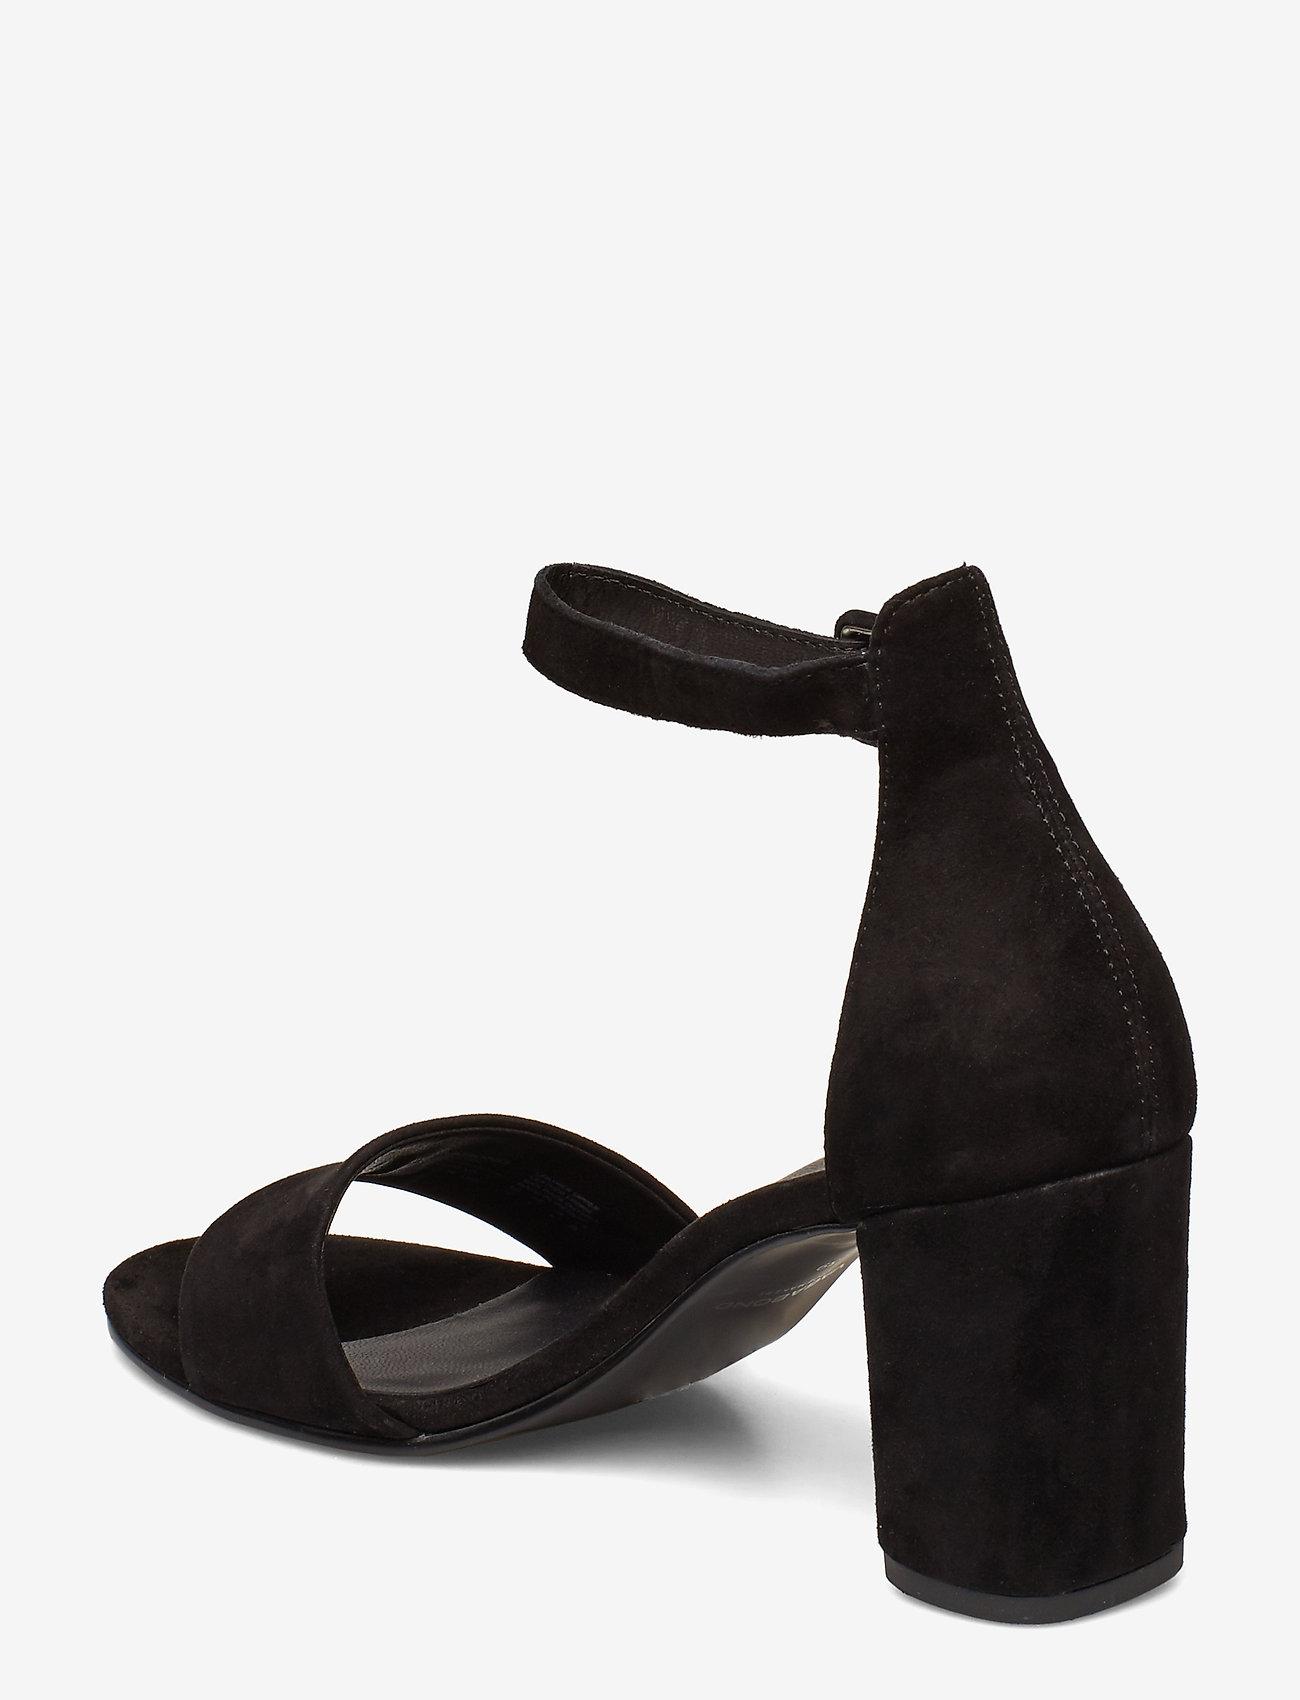 VAGABOND - PENNY - sandały na obcasie - black - 2